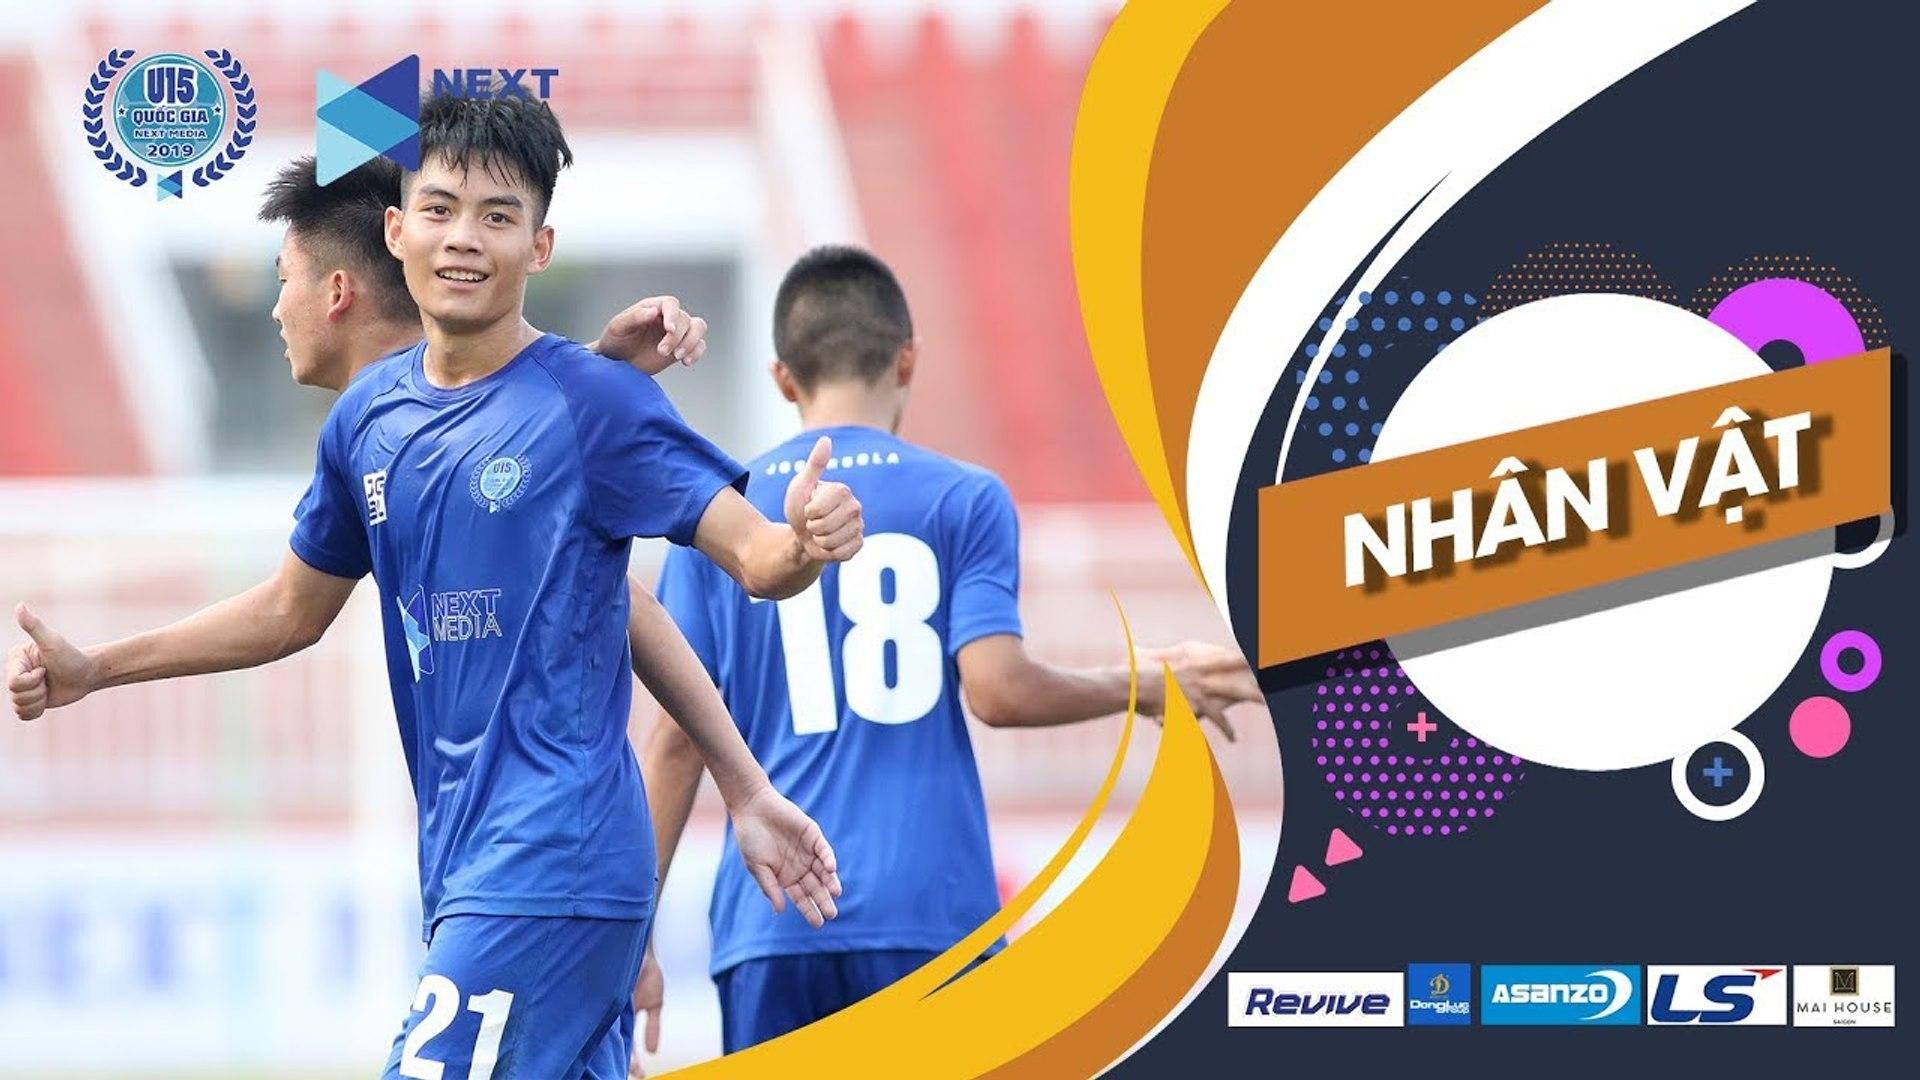 Bùi Văn Nội - ngôi sao trẻ mới của lò Thể Công   VFF Channel